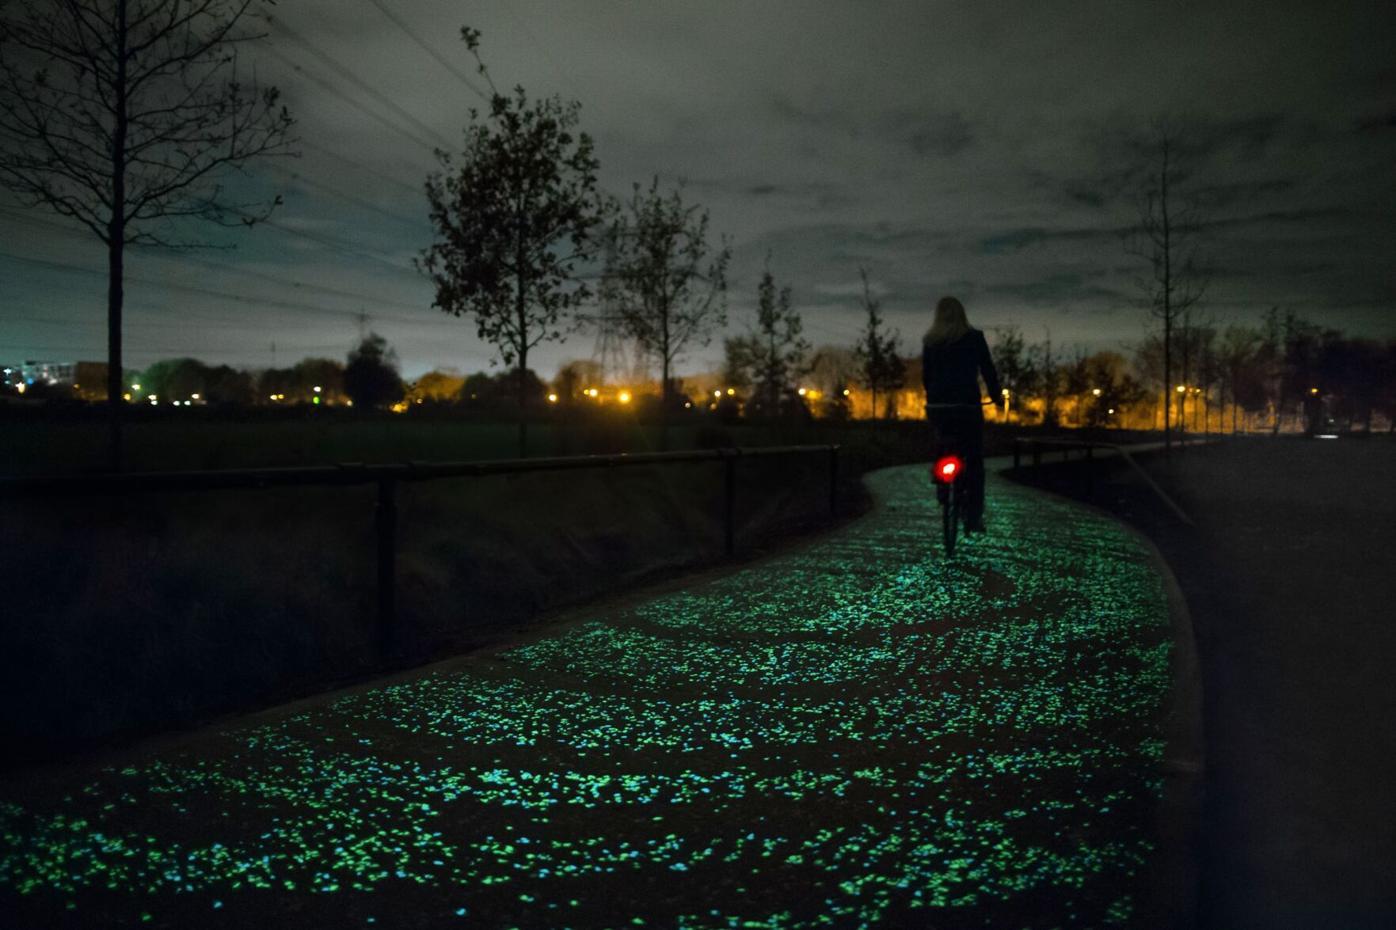 050521_MNS_MODA_bikes_006 Daan Roosegaarde Van Gogh Bike Path